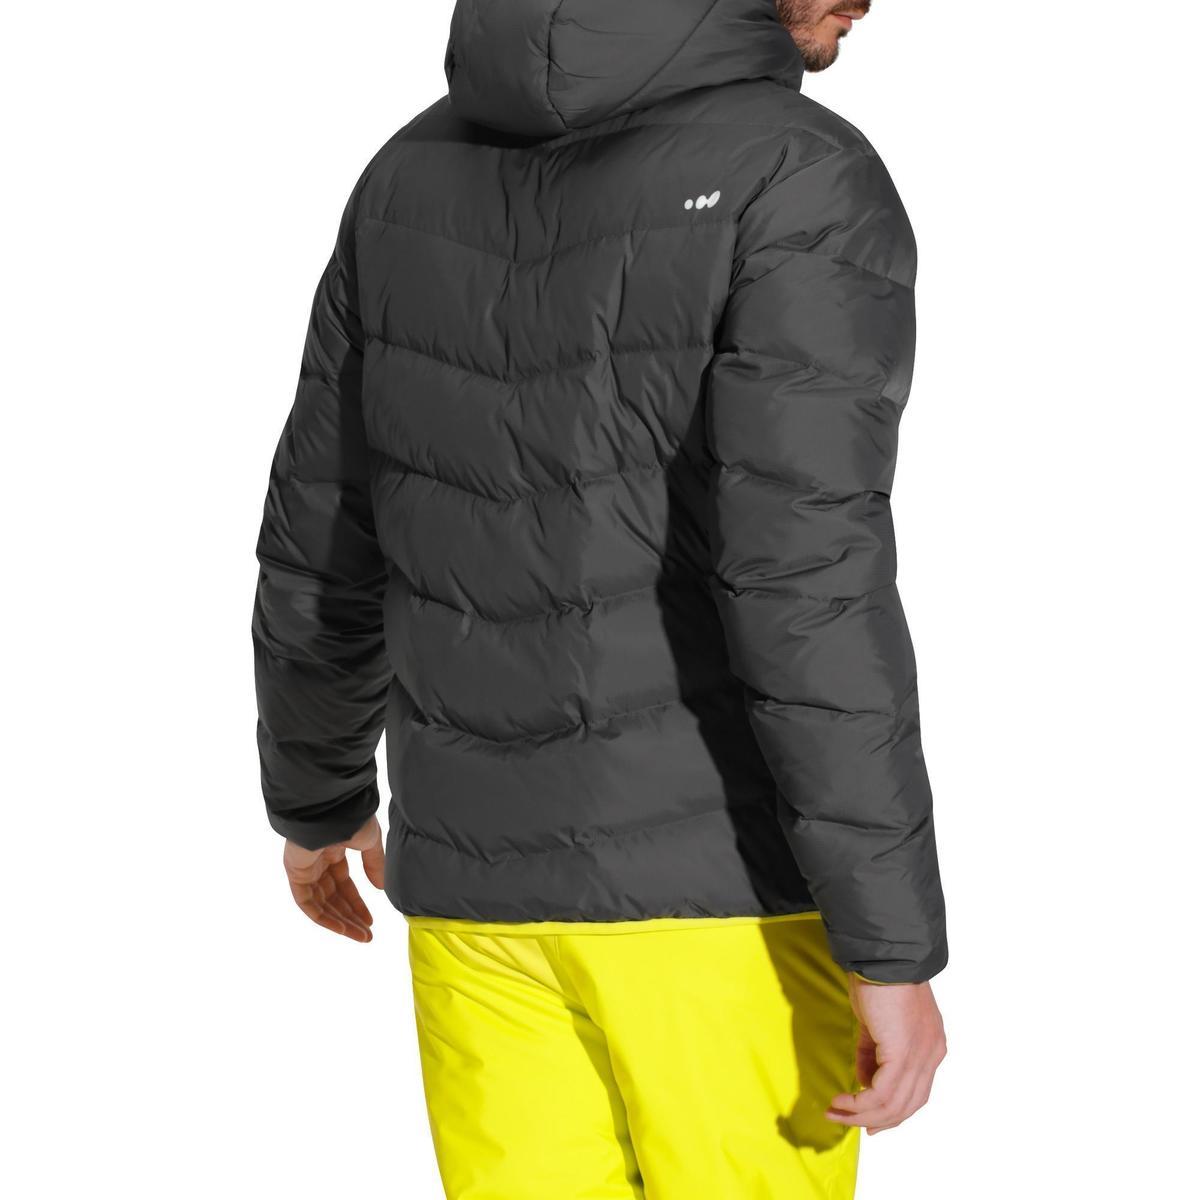 Bild 4 von Skijacke 500 Warm Herren grau